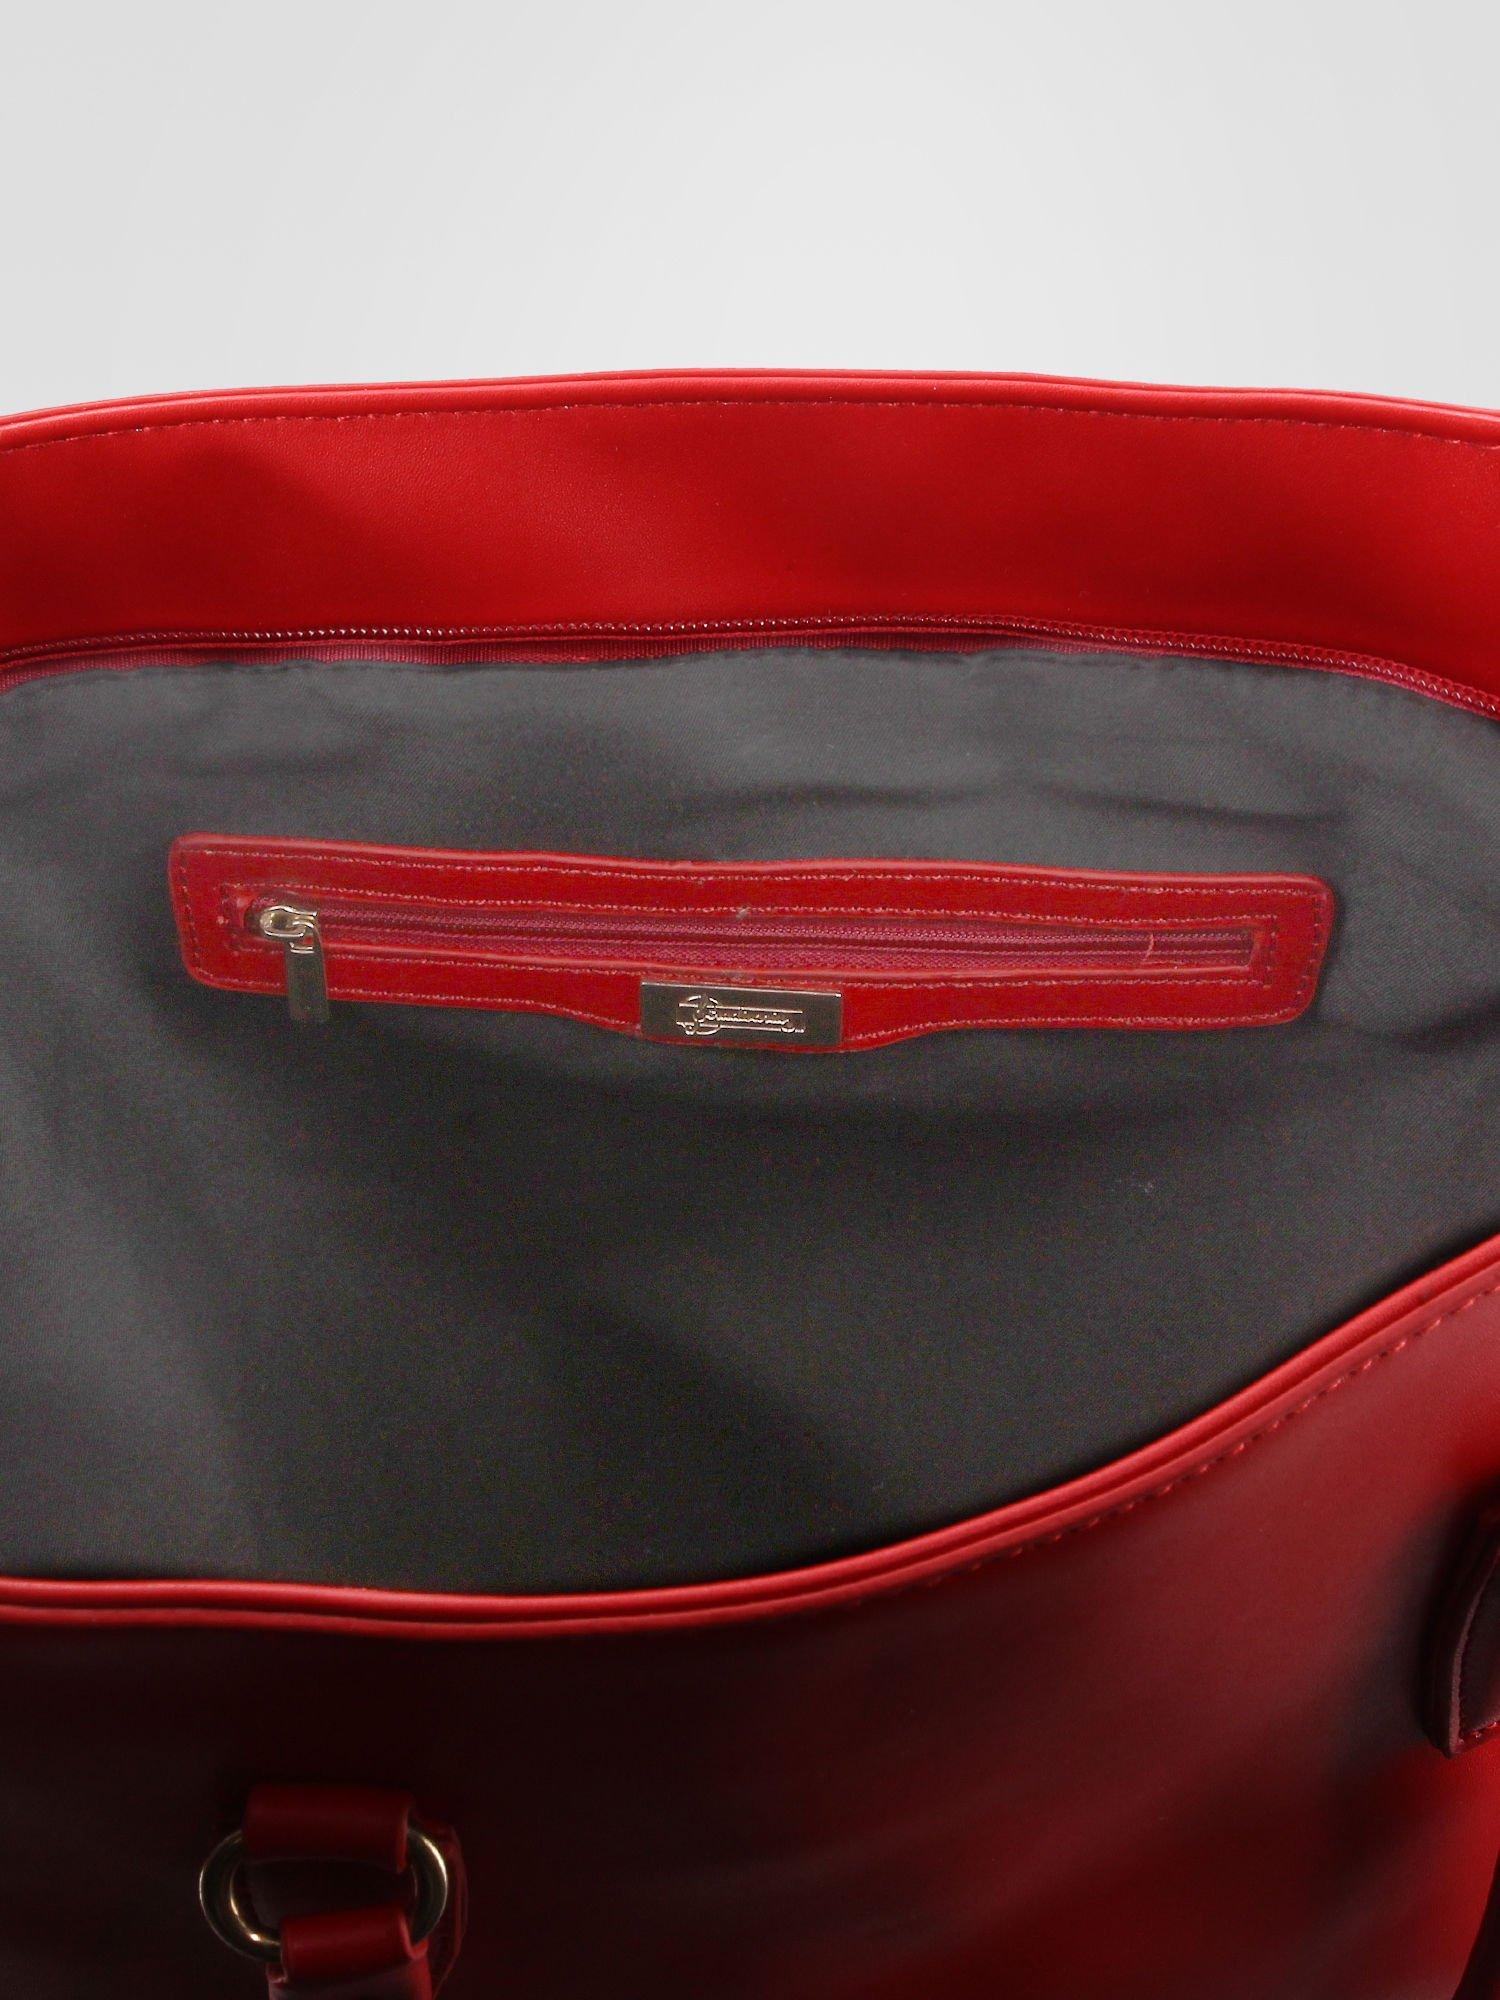 0a56fef836894 STRADIVARIUS Czerwona torba shopper bag - Akcesoria torba - sklep ...